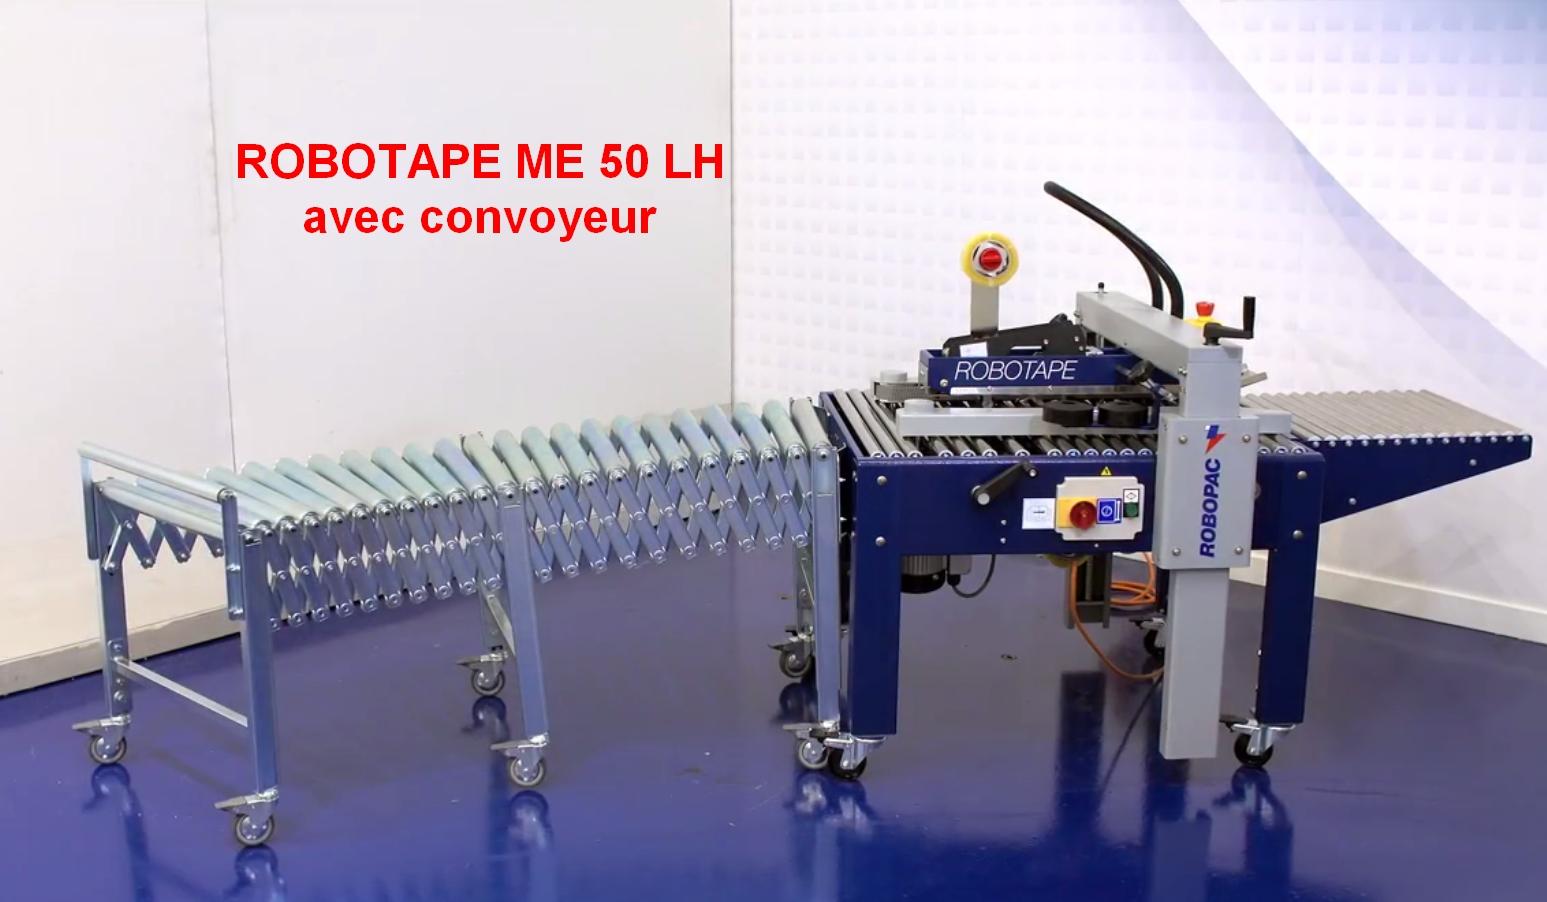 scotcheuse petit carton faible hauteur ROBOTAPE 50 ME LH avec convoyeur